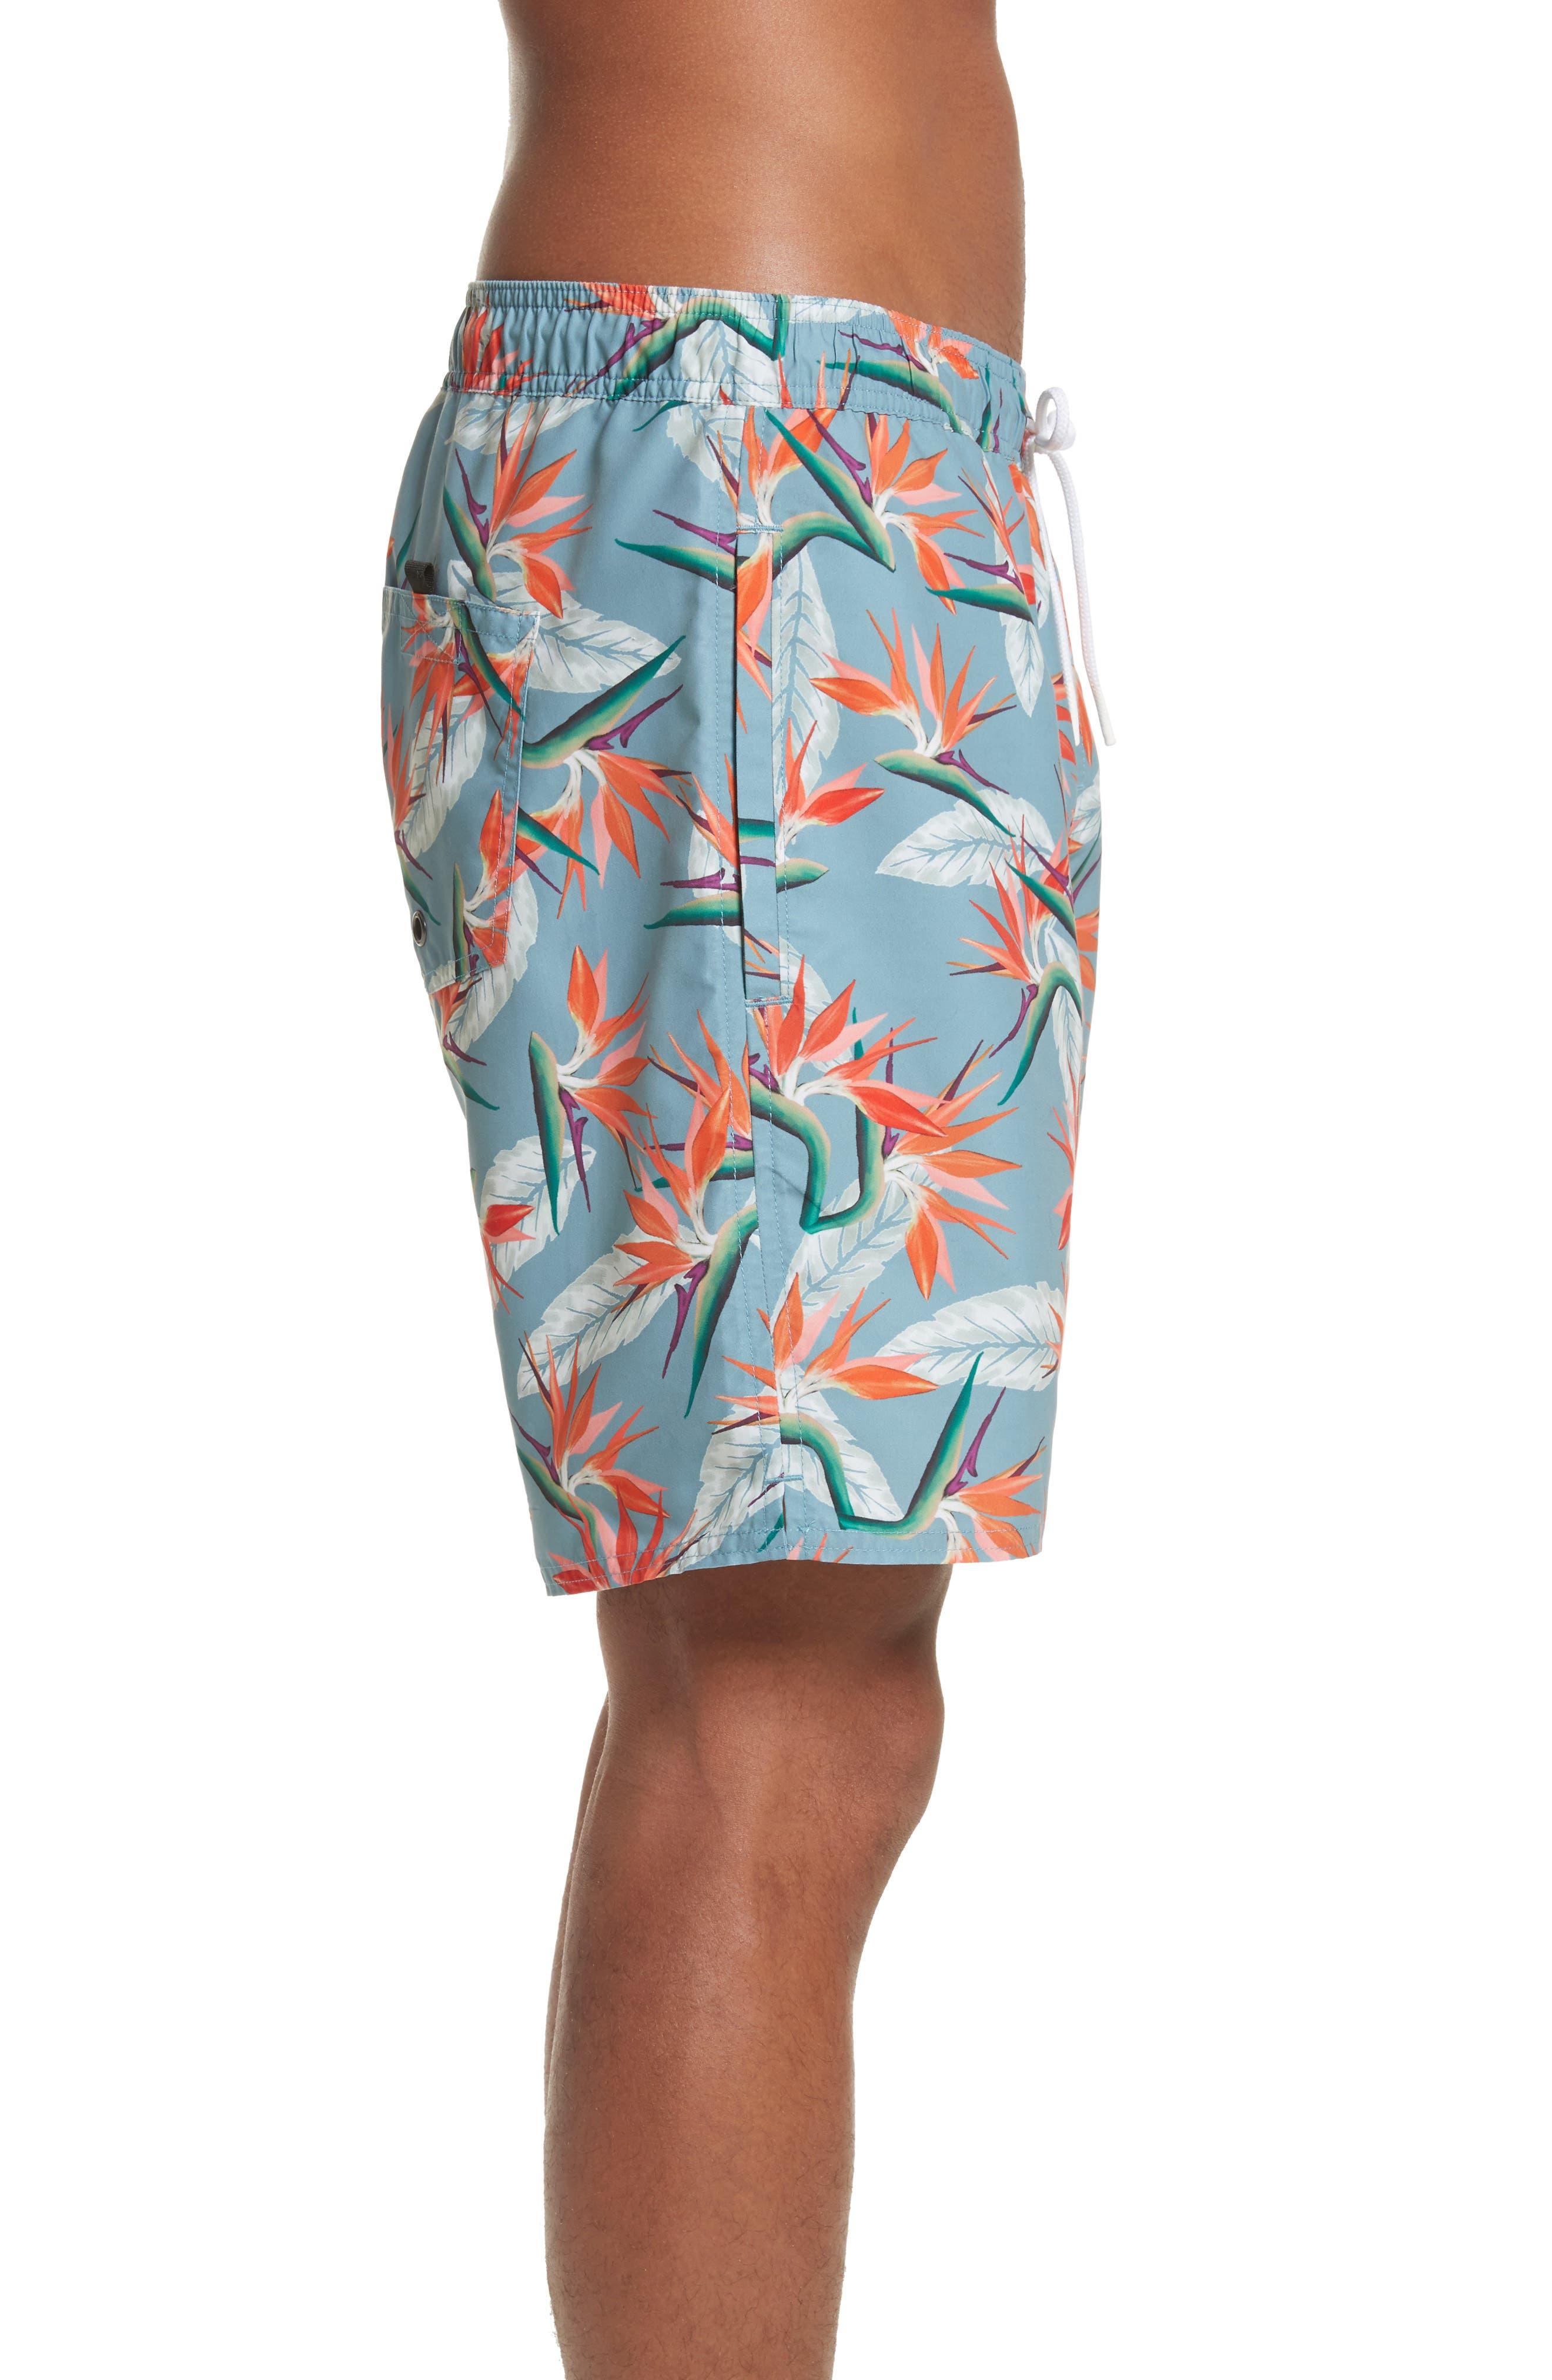 Timothy Paradise Swim Shorts,                             Alternate thumbnail 3, color,                             PARADISE PRINT